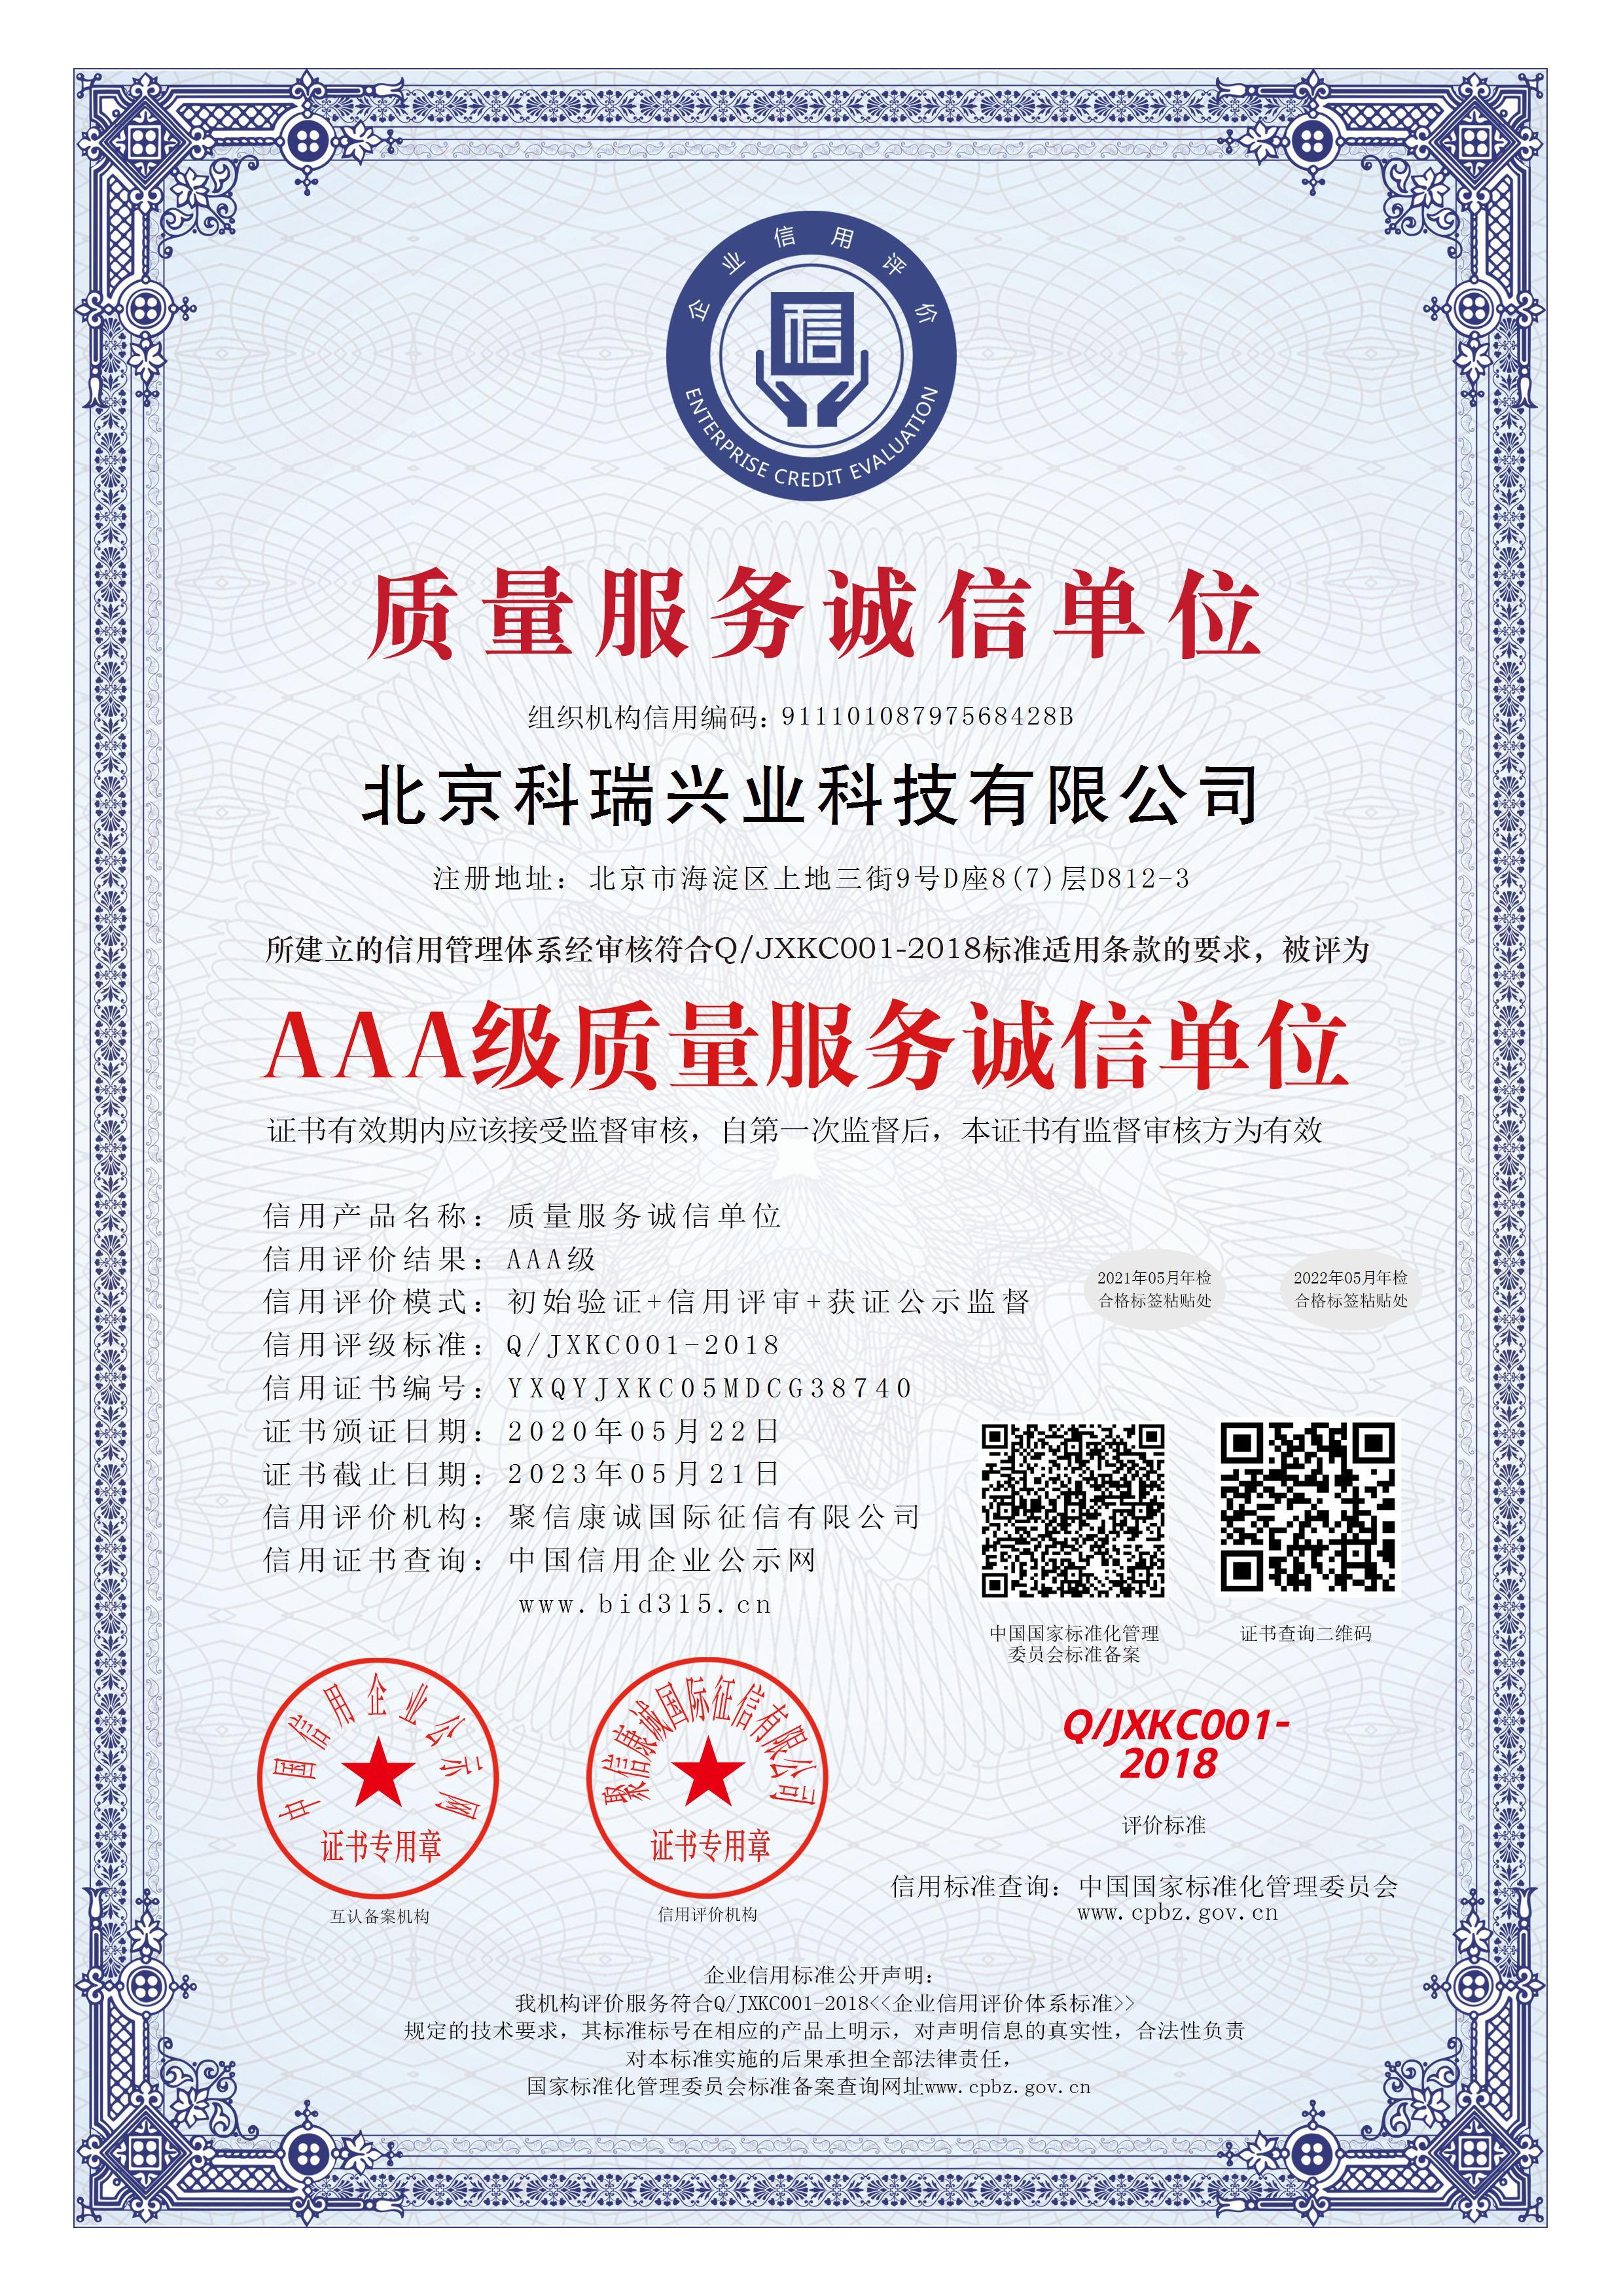 北京科瑞兴业科技有限公司_AAA级质量服务诚信单位_中文版_电子版